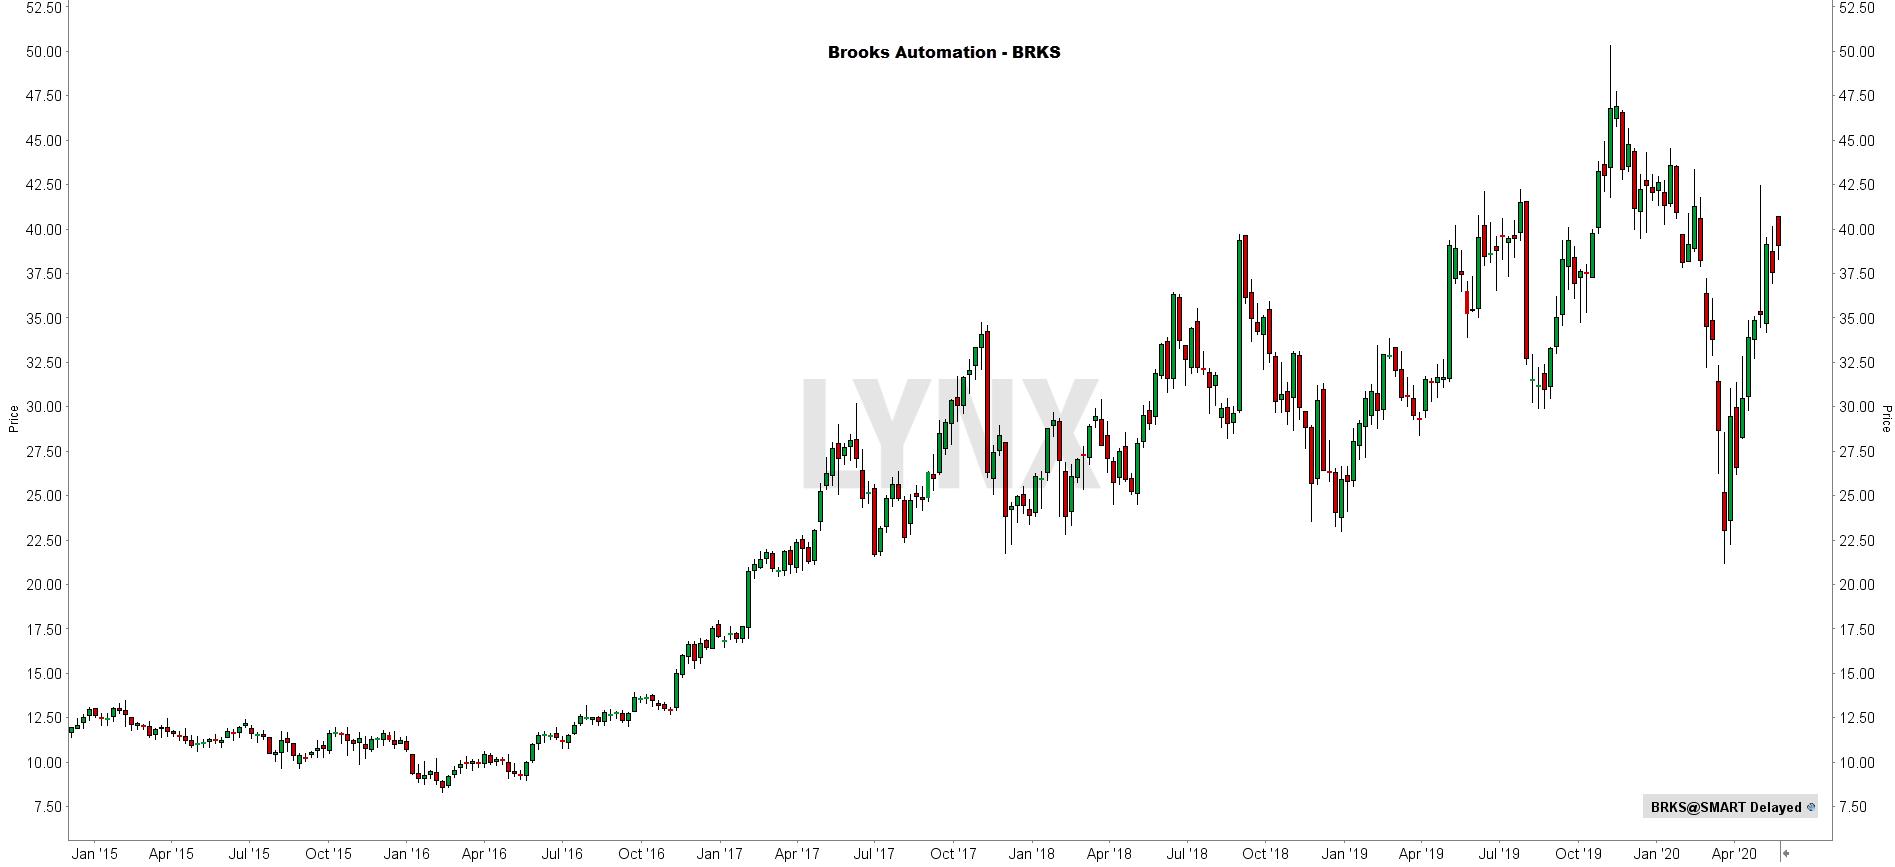 Robotica aandeel Brooks automation